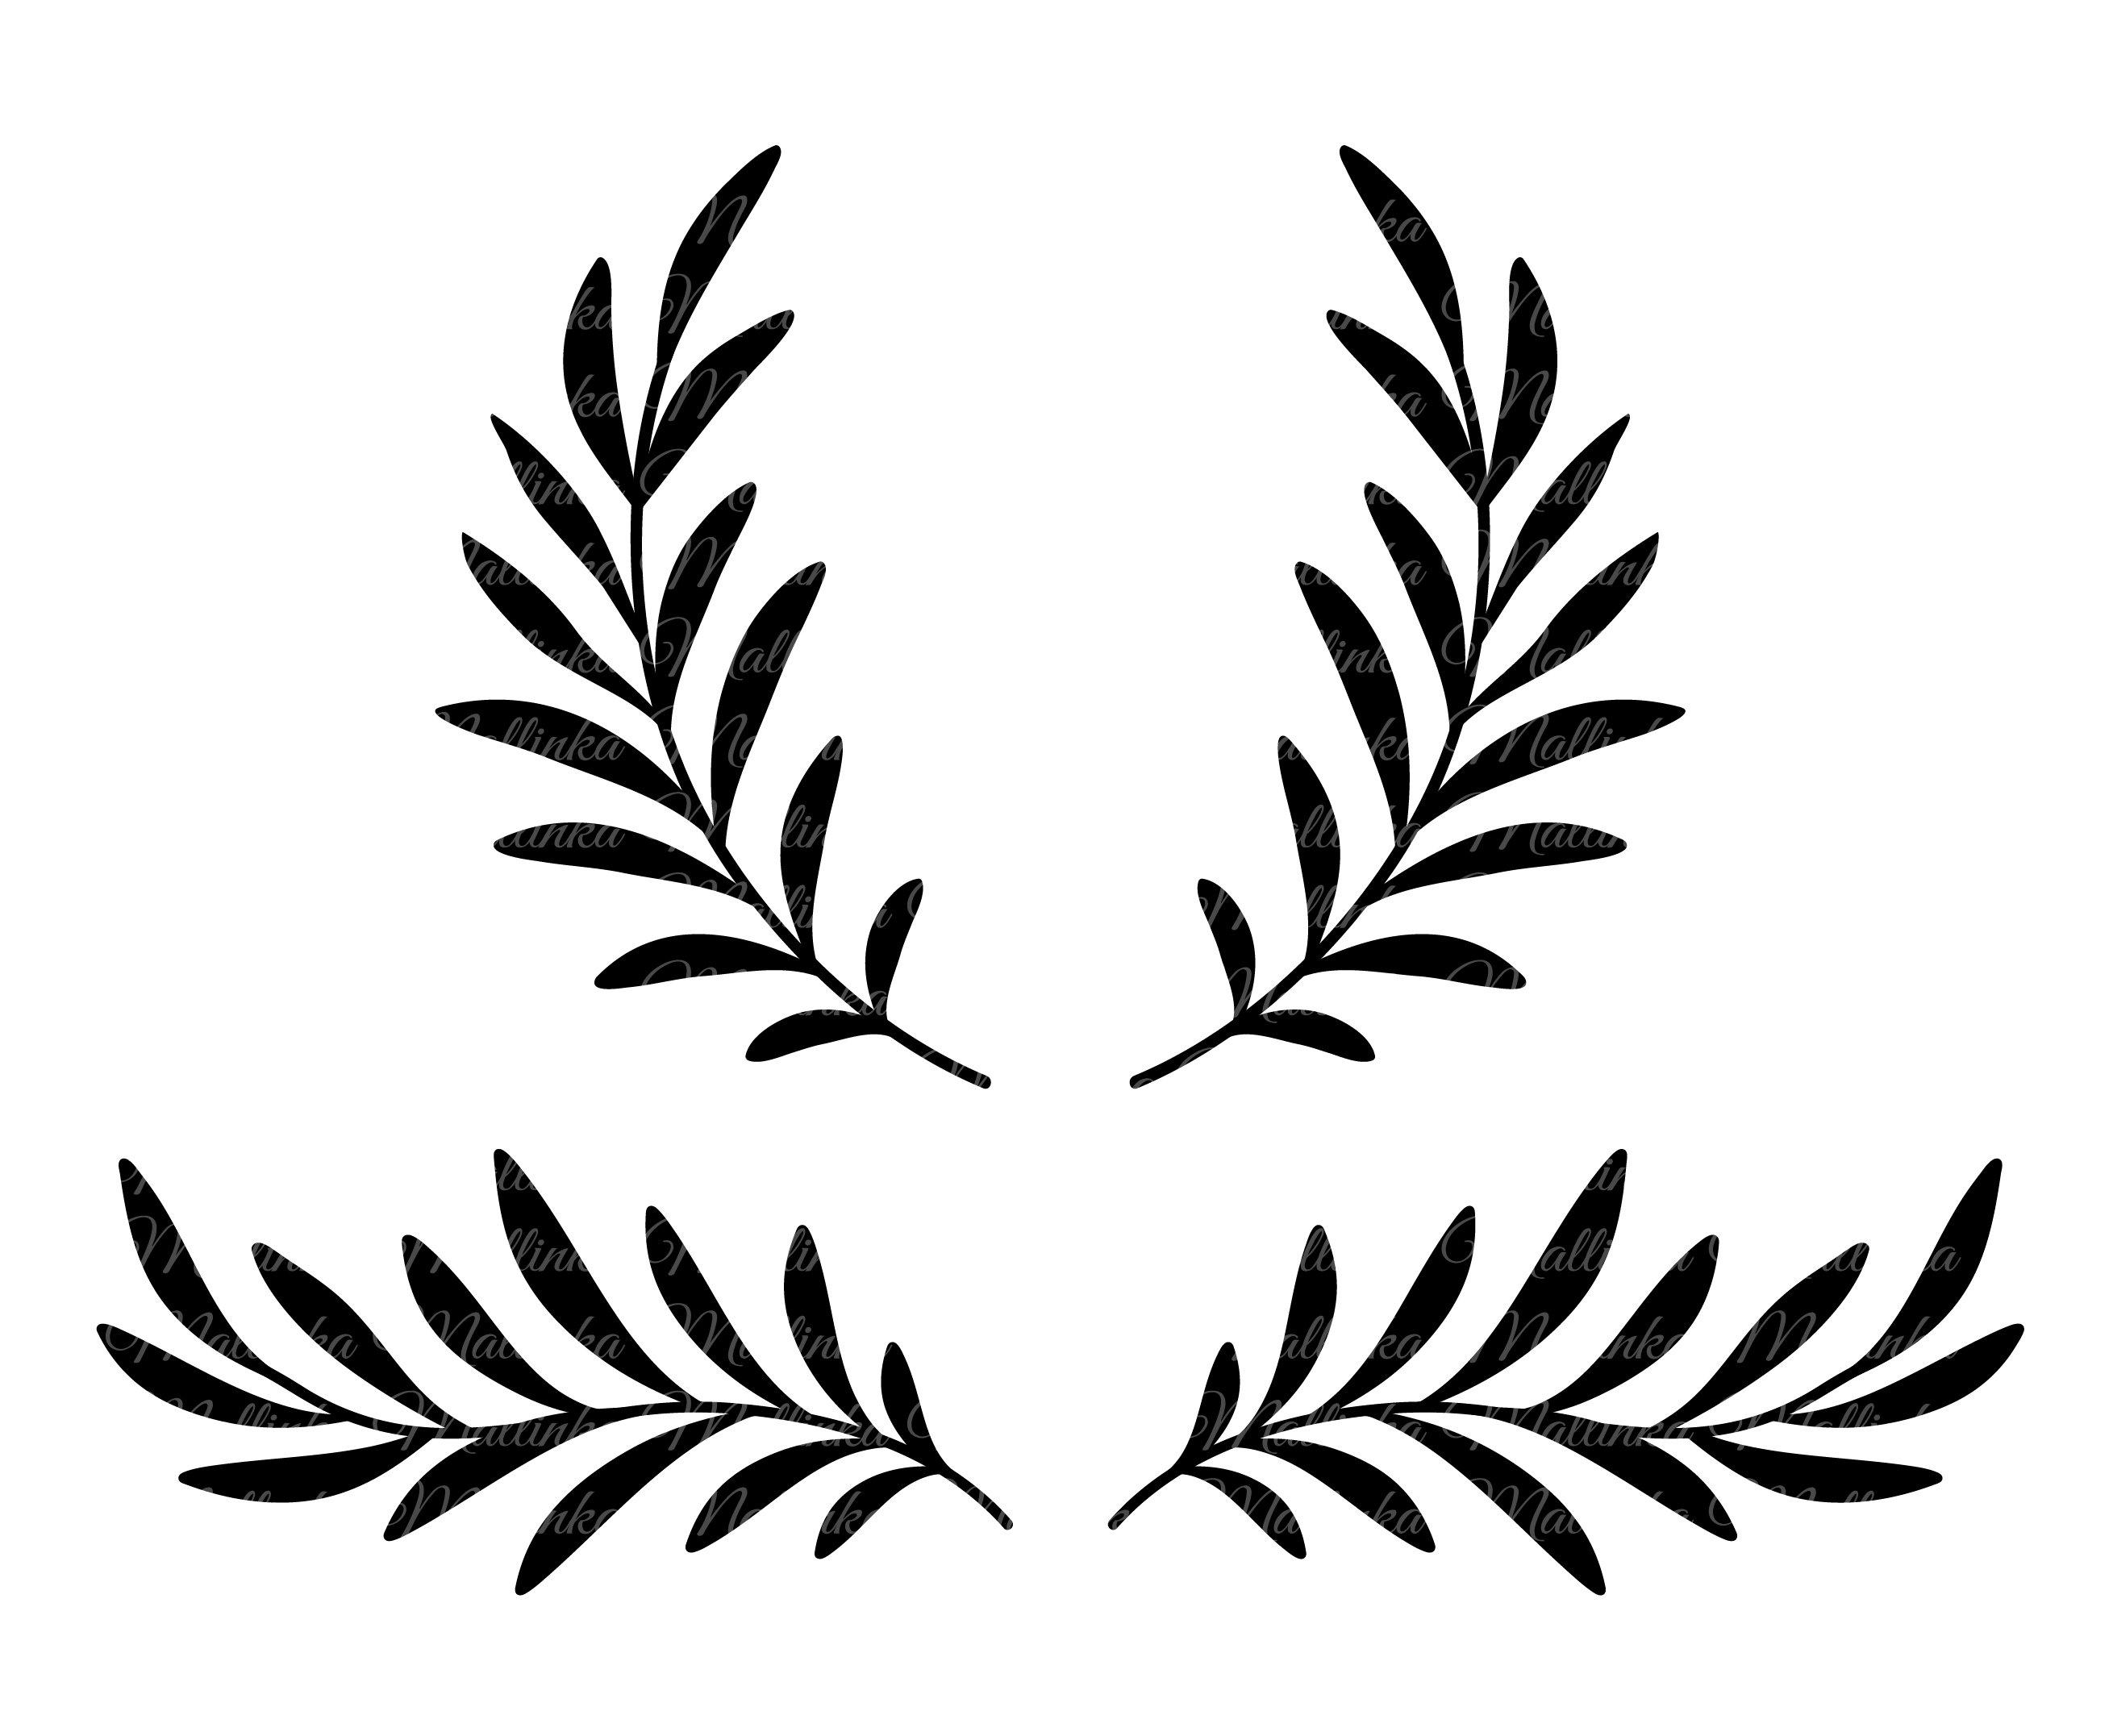 Garten Faltbare Matratze Olive Branch Silhouettes